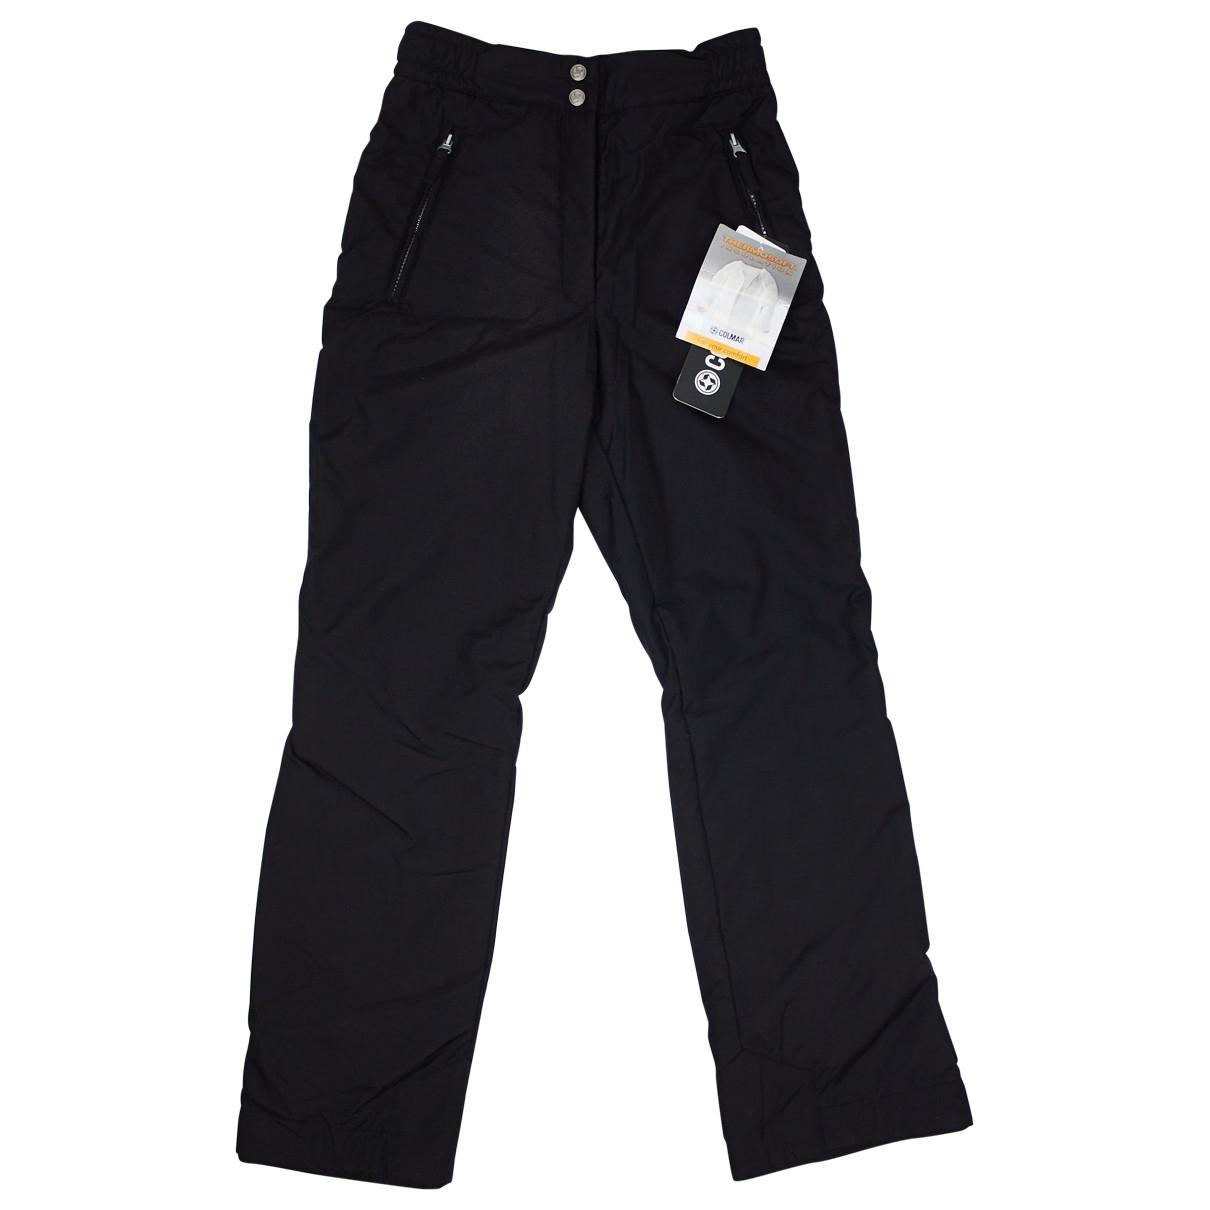 Colmar \N Black Trousers for Women 40 IT